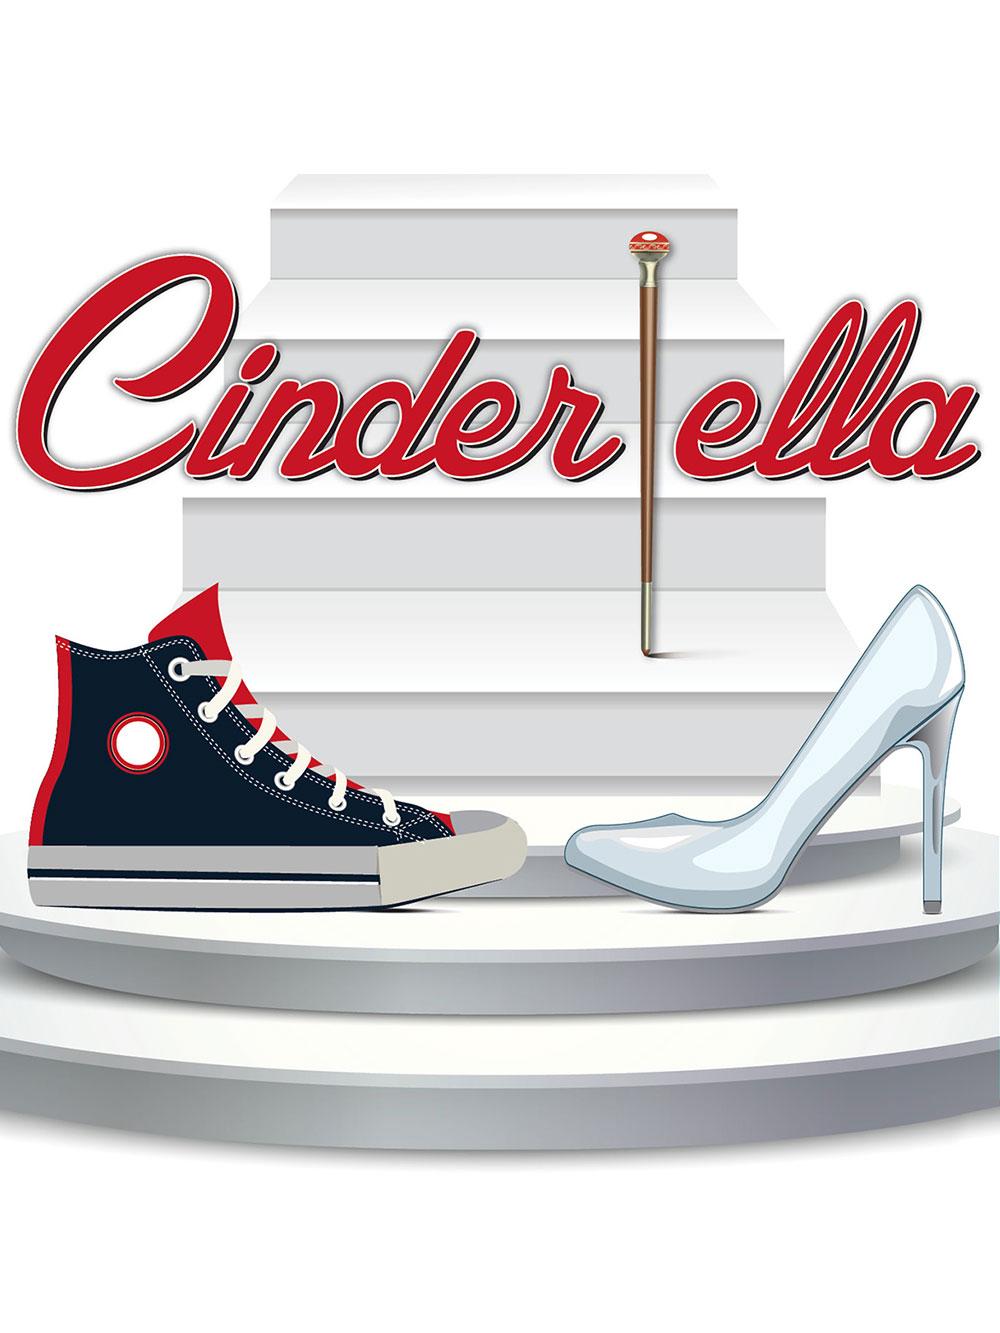 Cinder-Ella